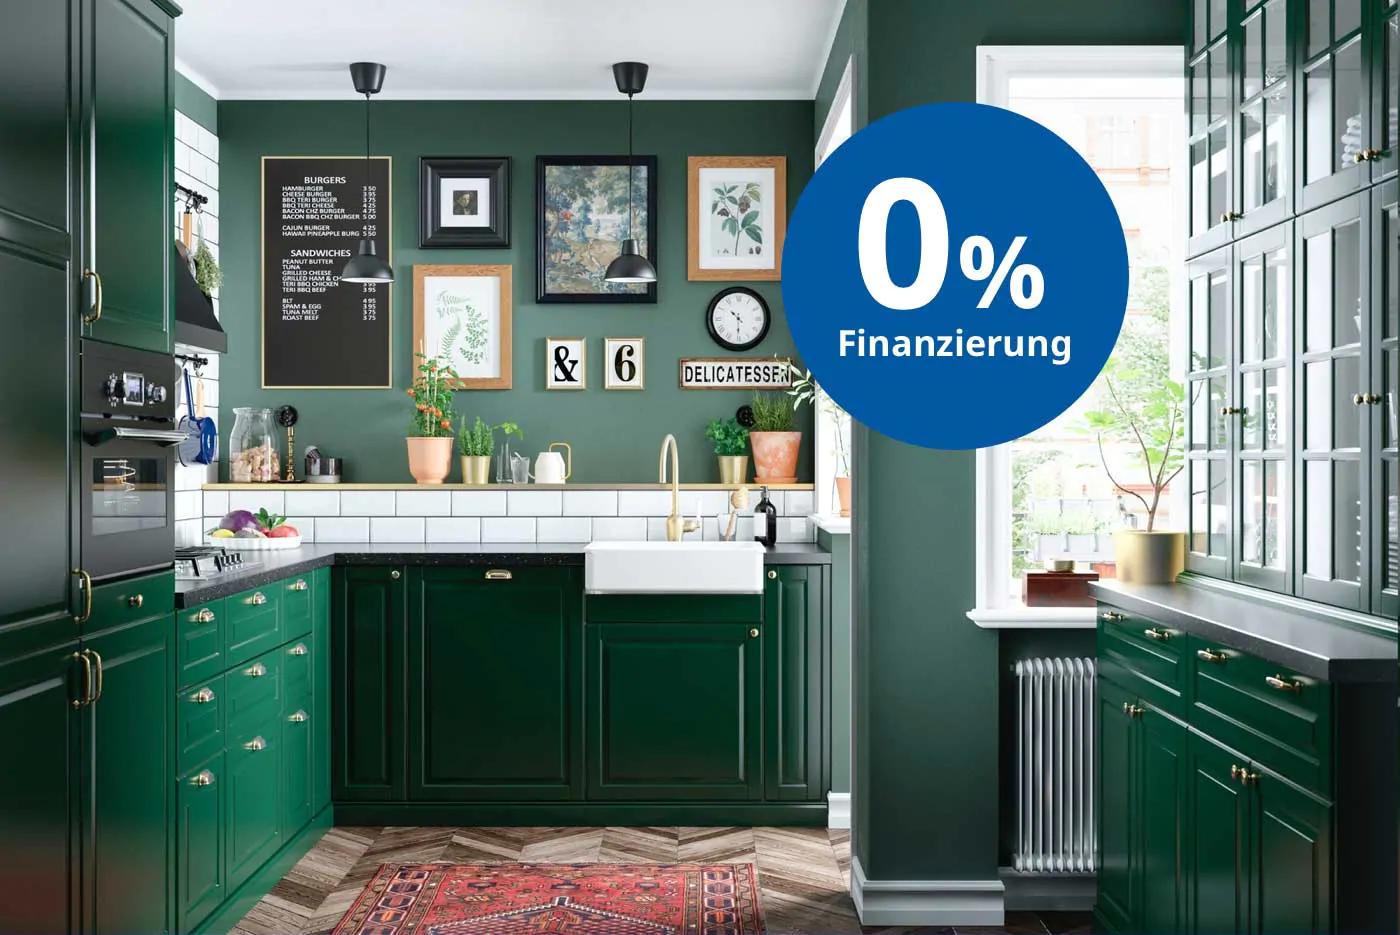 [IKEA Family HH] Spülmaschine on Top ab 3.500,01 € für Küchenkauf